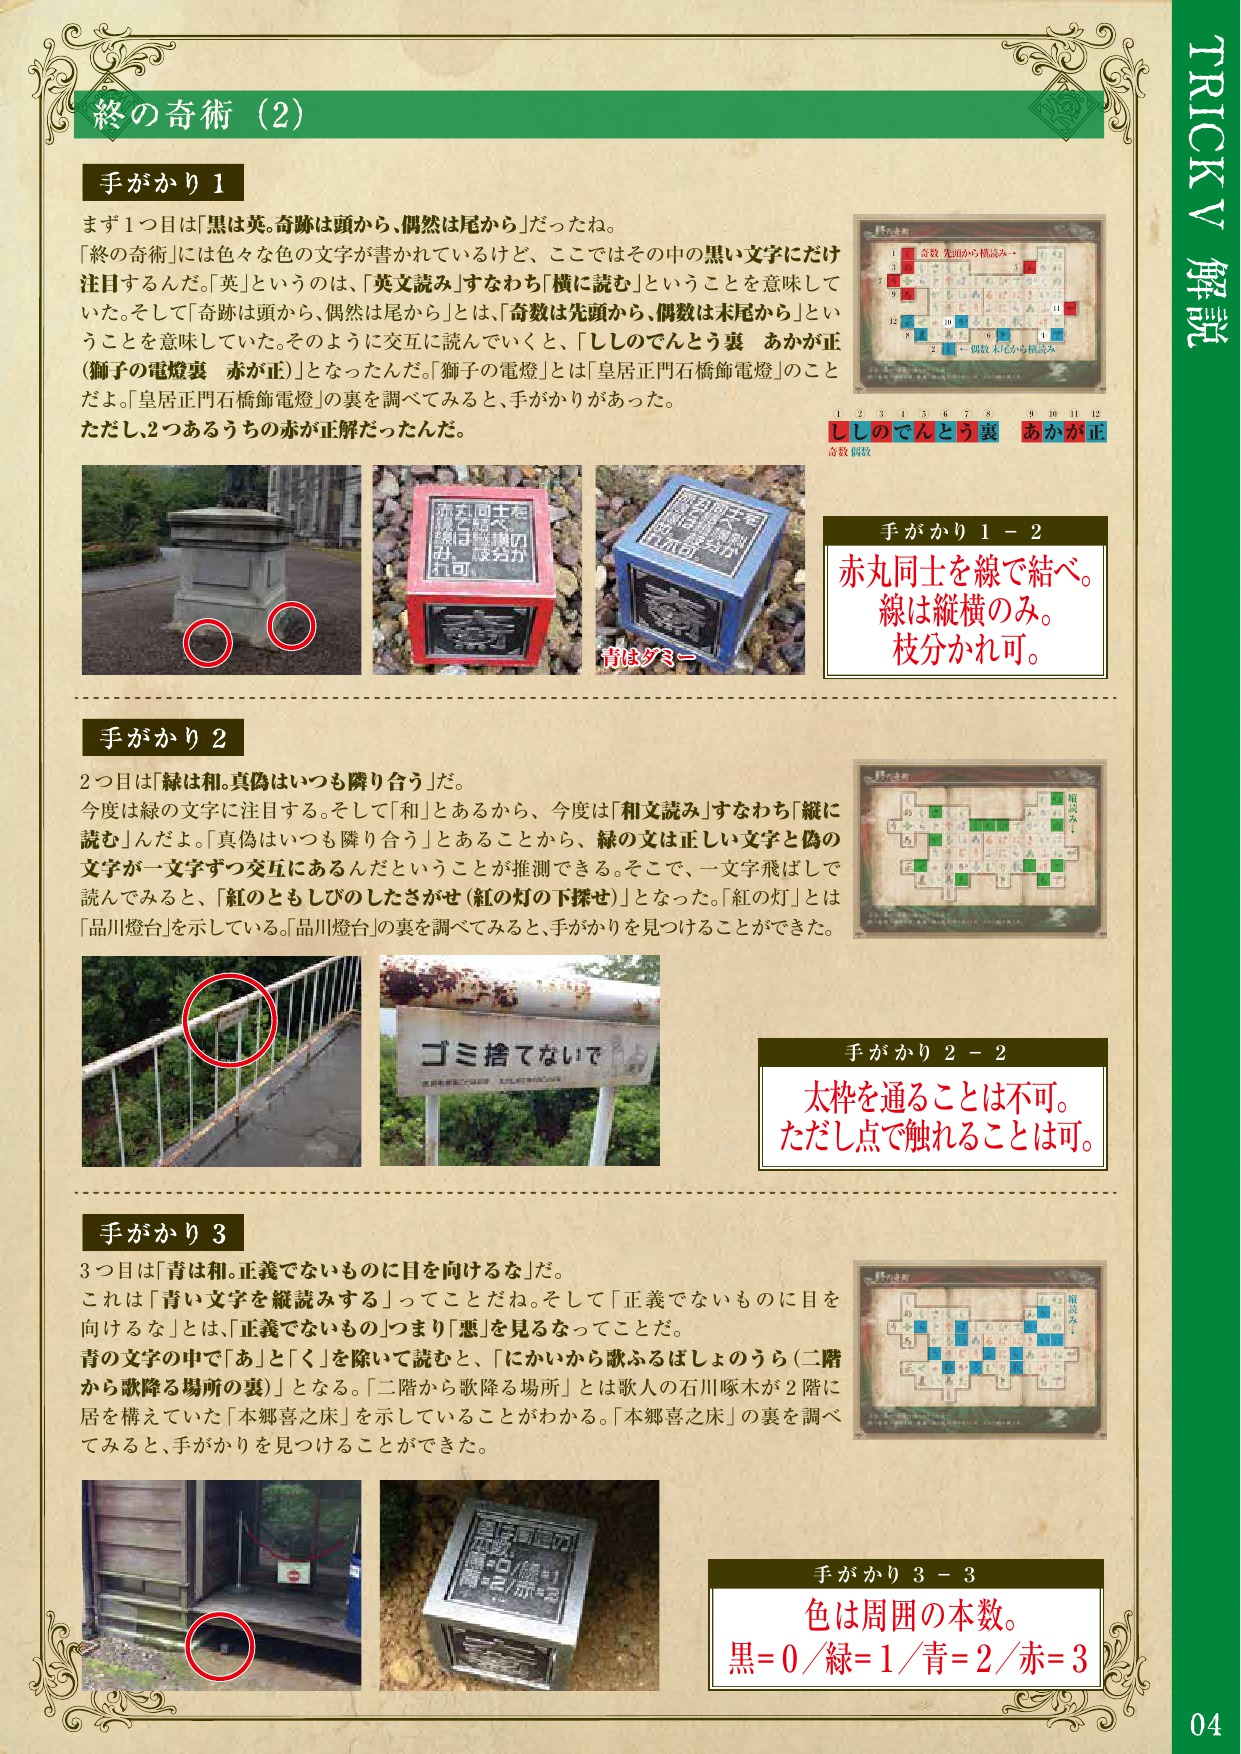 明治村探検隊トリックⅤの解答 (4)